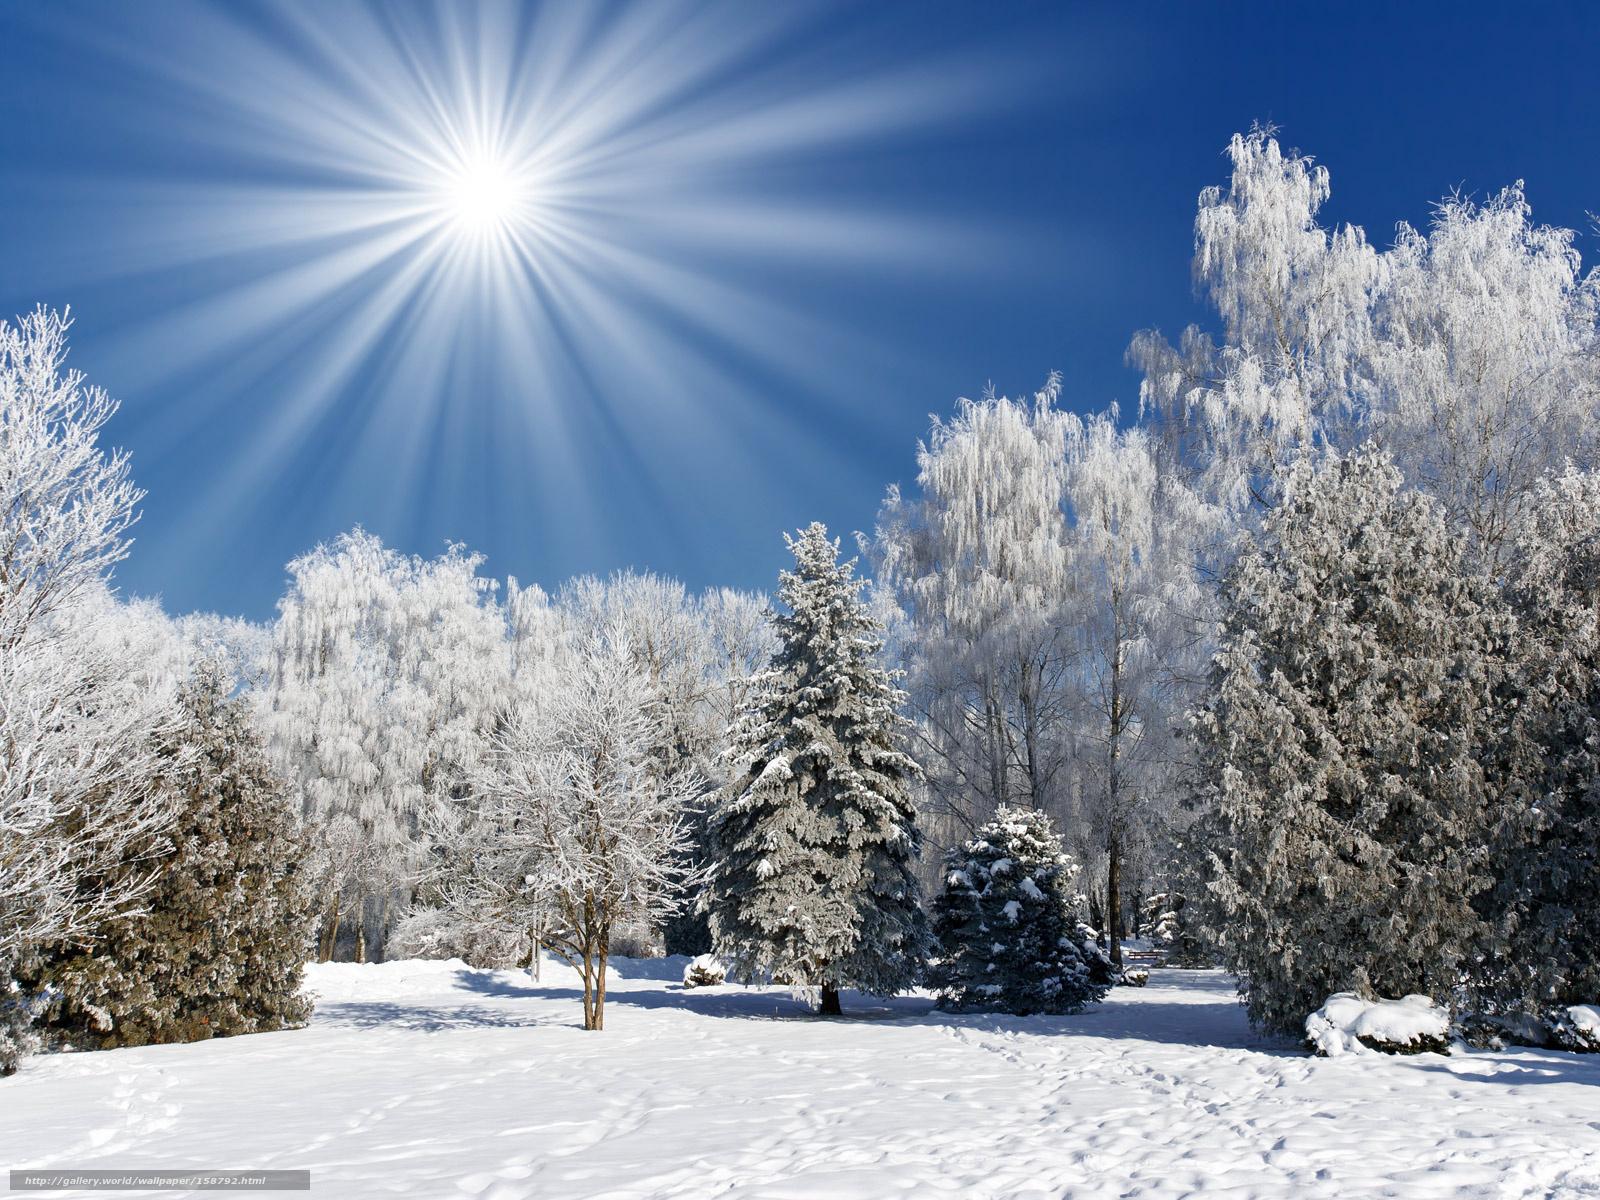 Scaricare Gli Sfondi Neve Sole Sfondi Gratis Per La Risoluzione Del